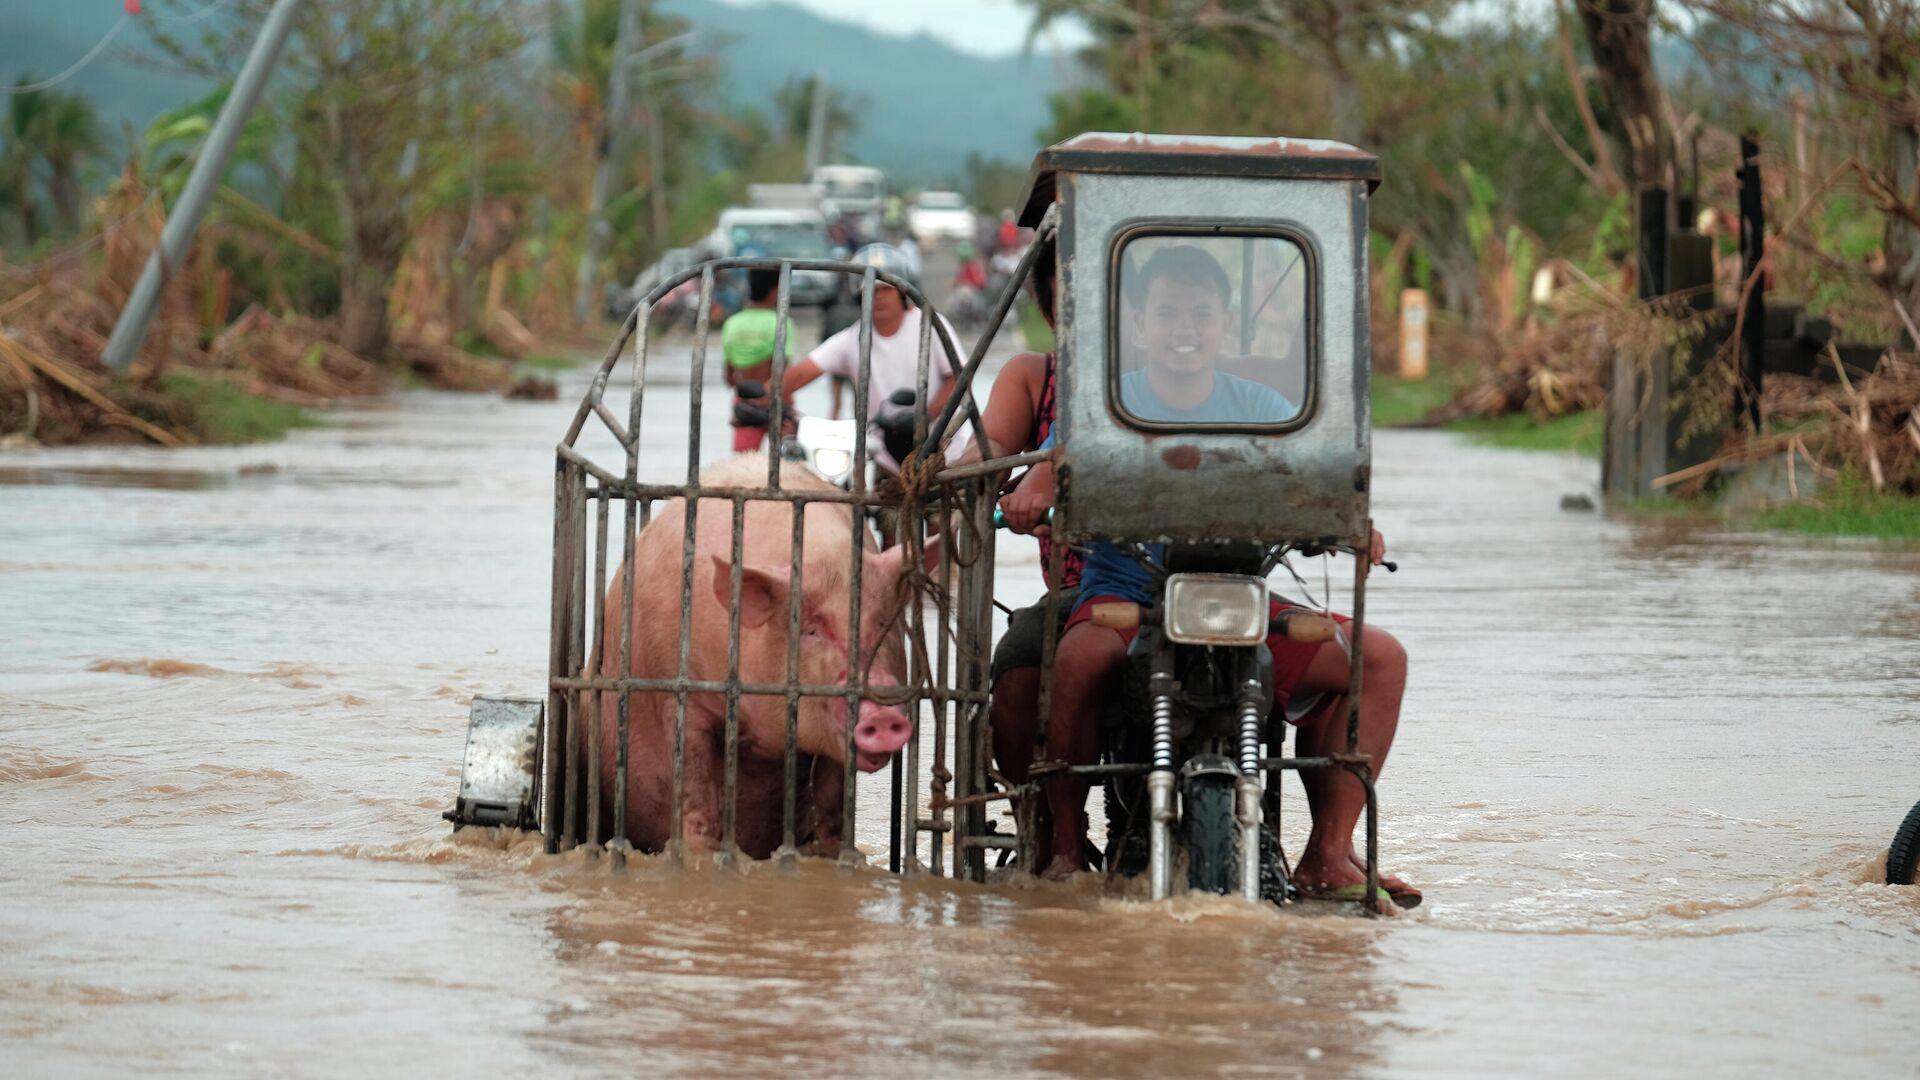 Мотоциклист везет свинью по затопленной дороге в провинции Албай на Филиппинах  - РИА Новости, 1920, 18.11.2020